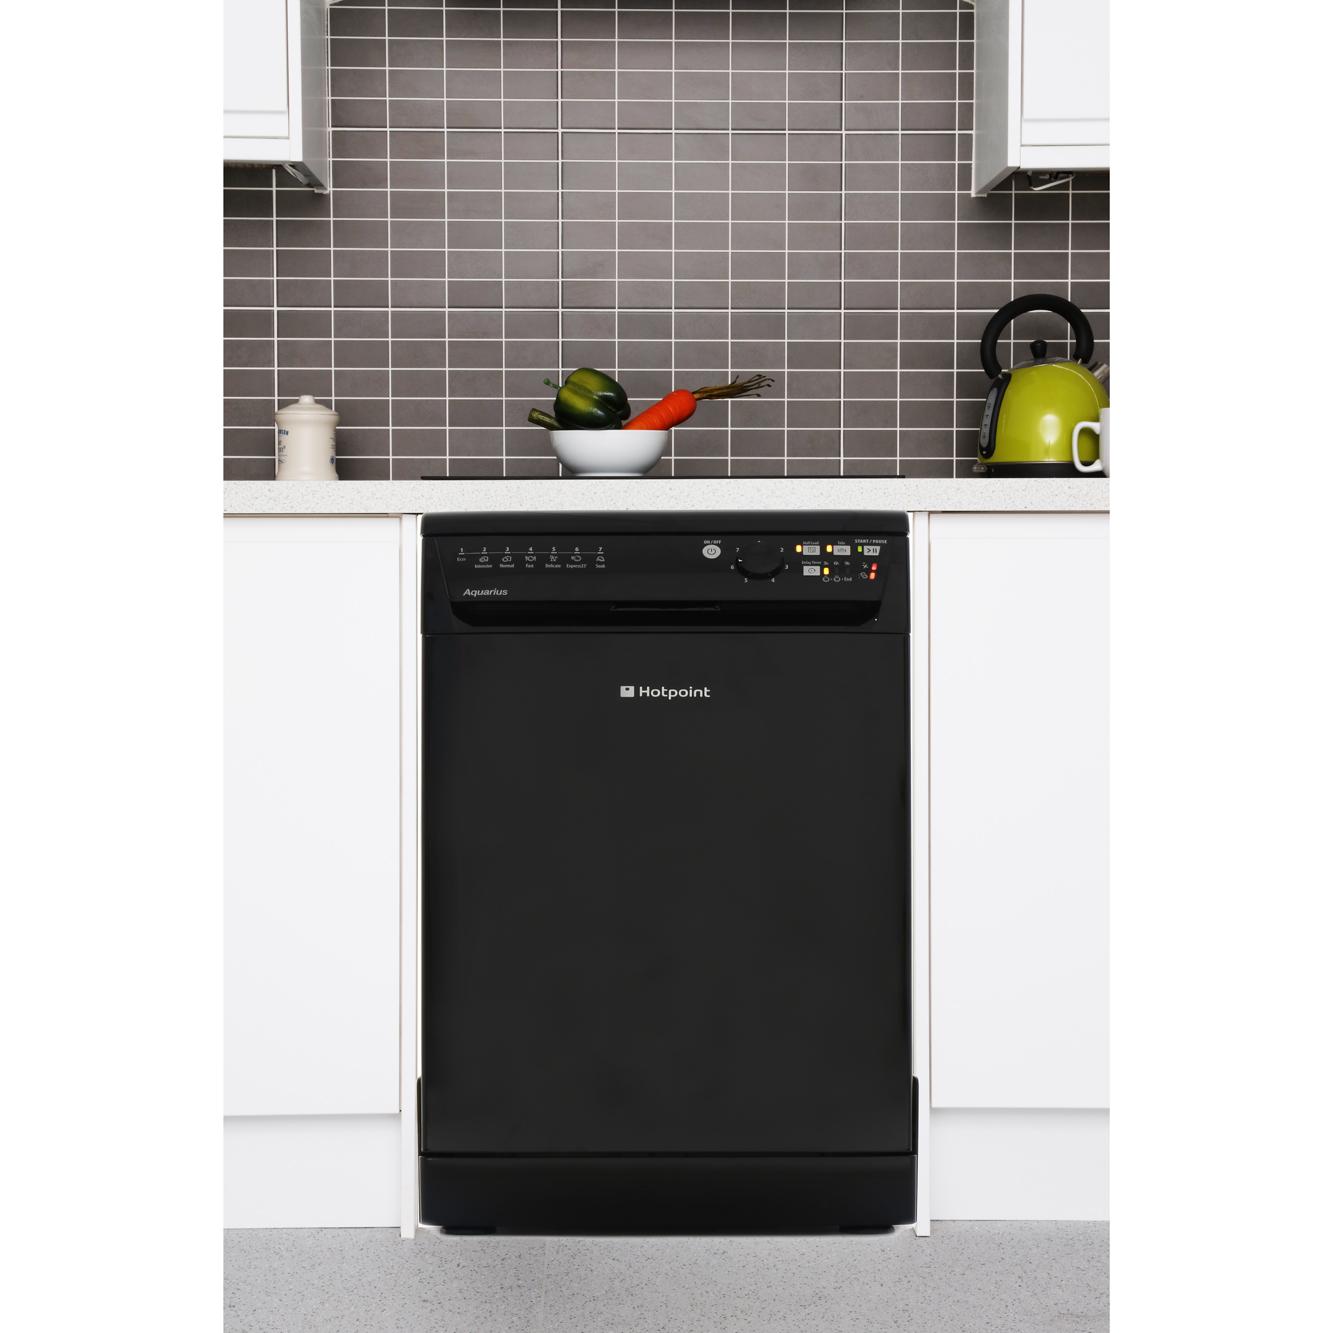 Slimline Kitchen Appliances Hotpoint Sial11010k Slimline Dishwasher Black Buy Online Today